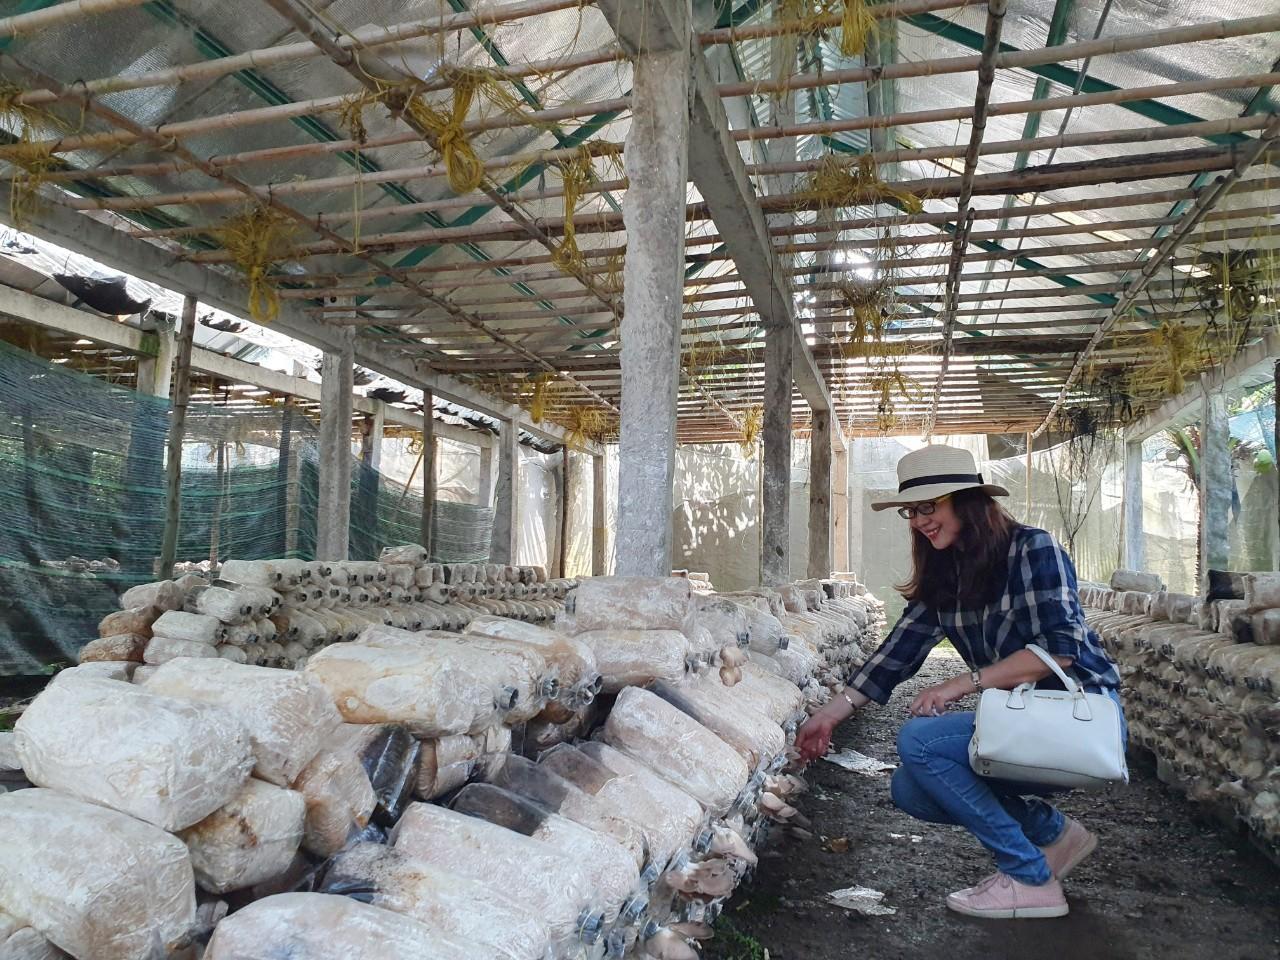 Du khách sẽ được hướng dẫn cách trồng và thu hoạch nấm. Ảnh: Vietravel